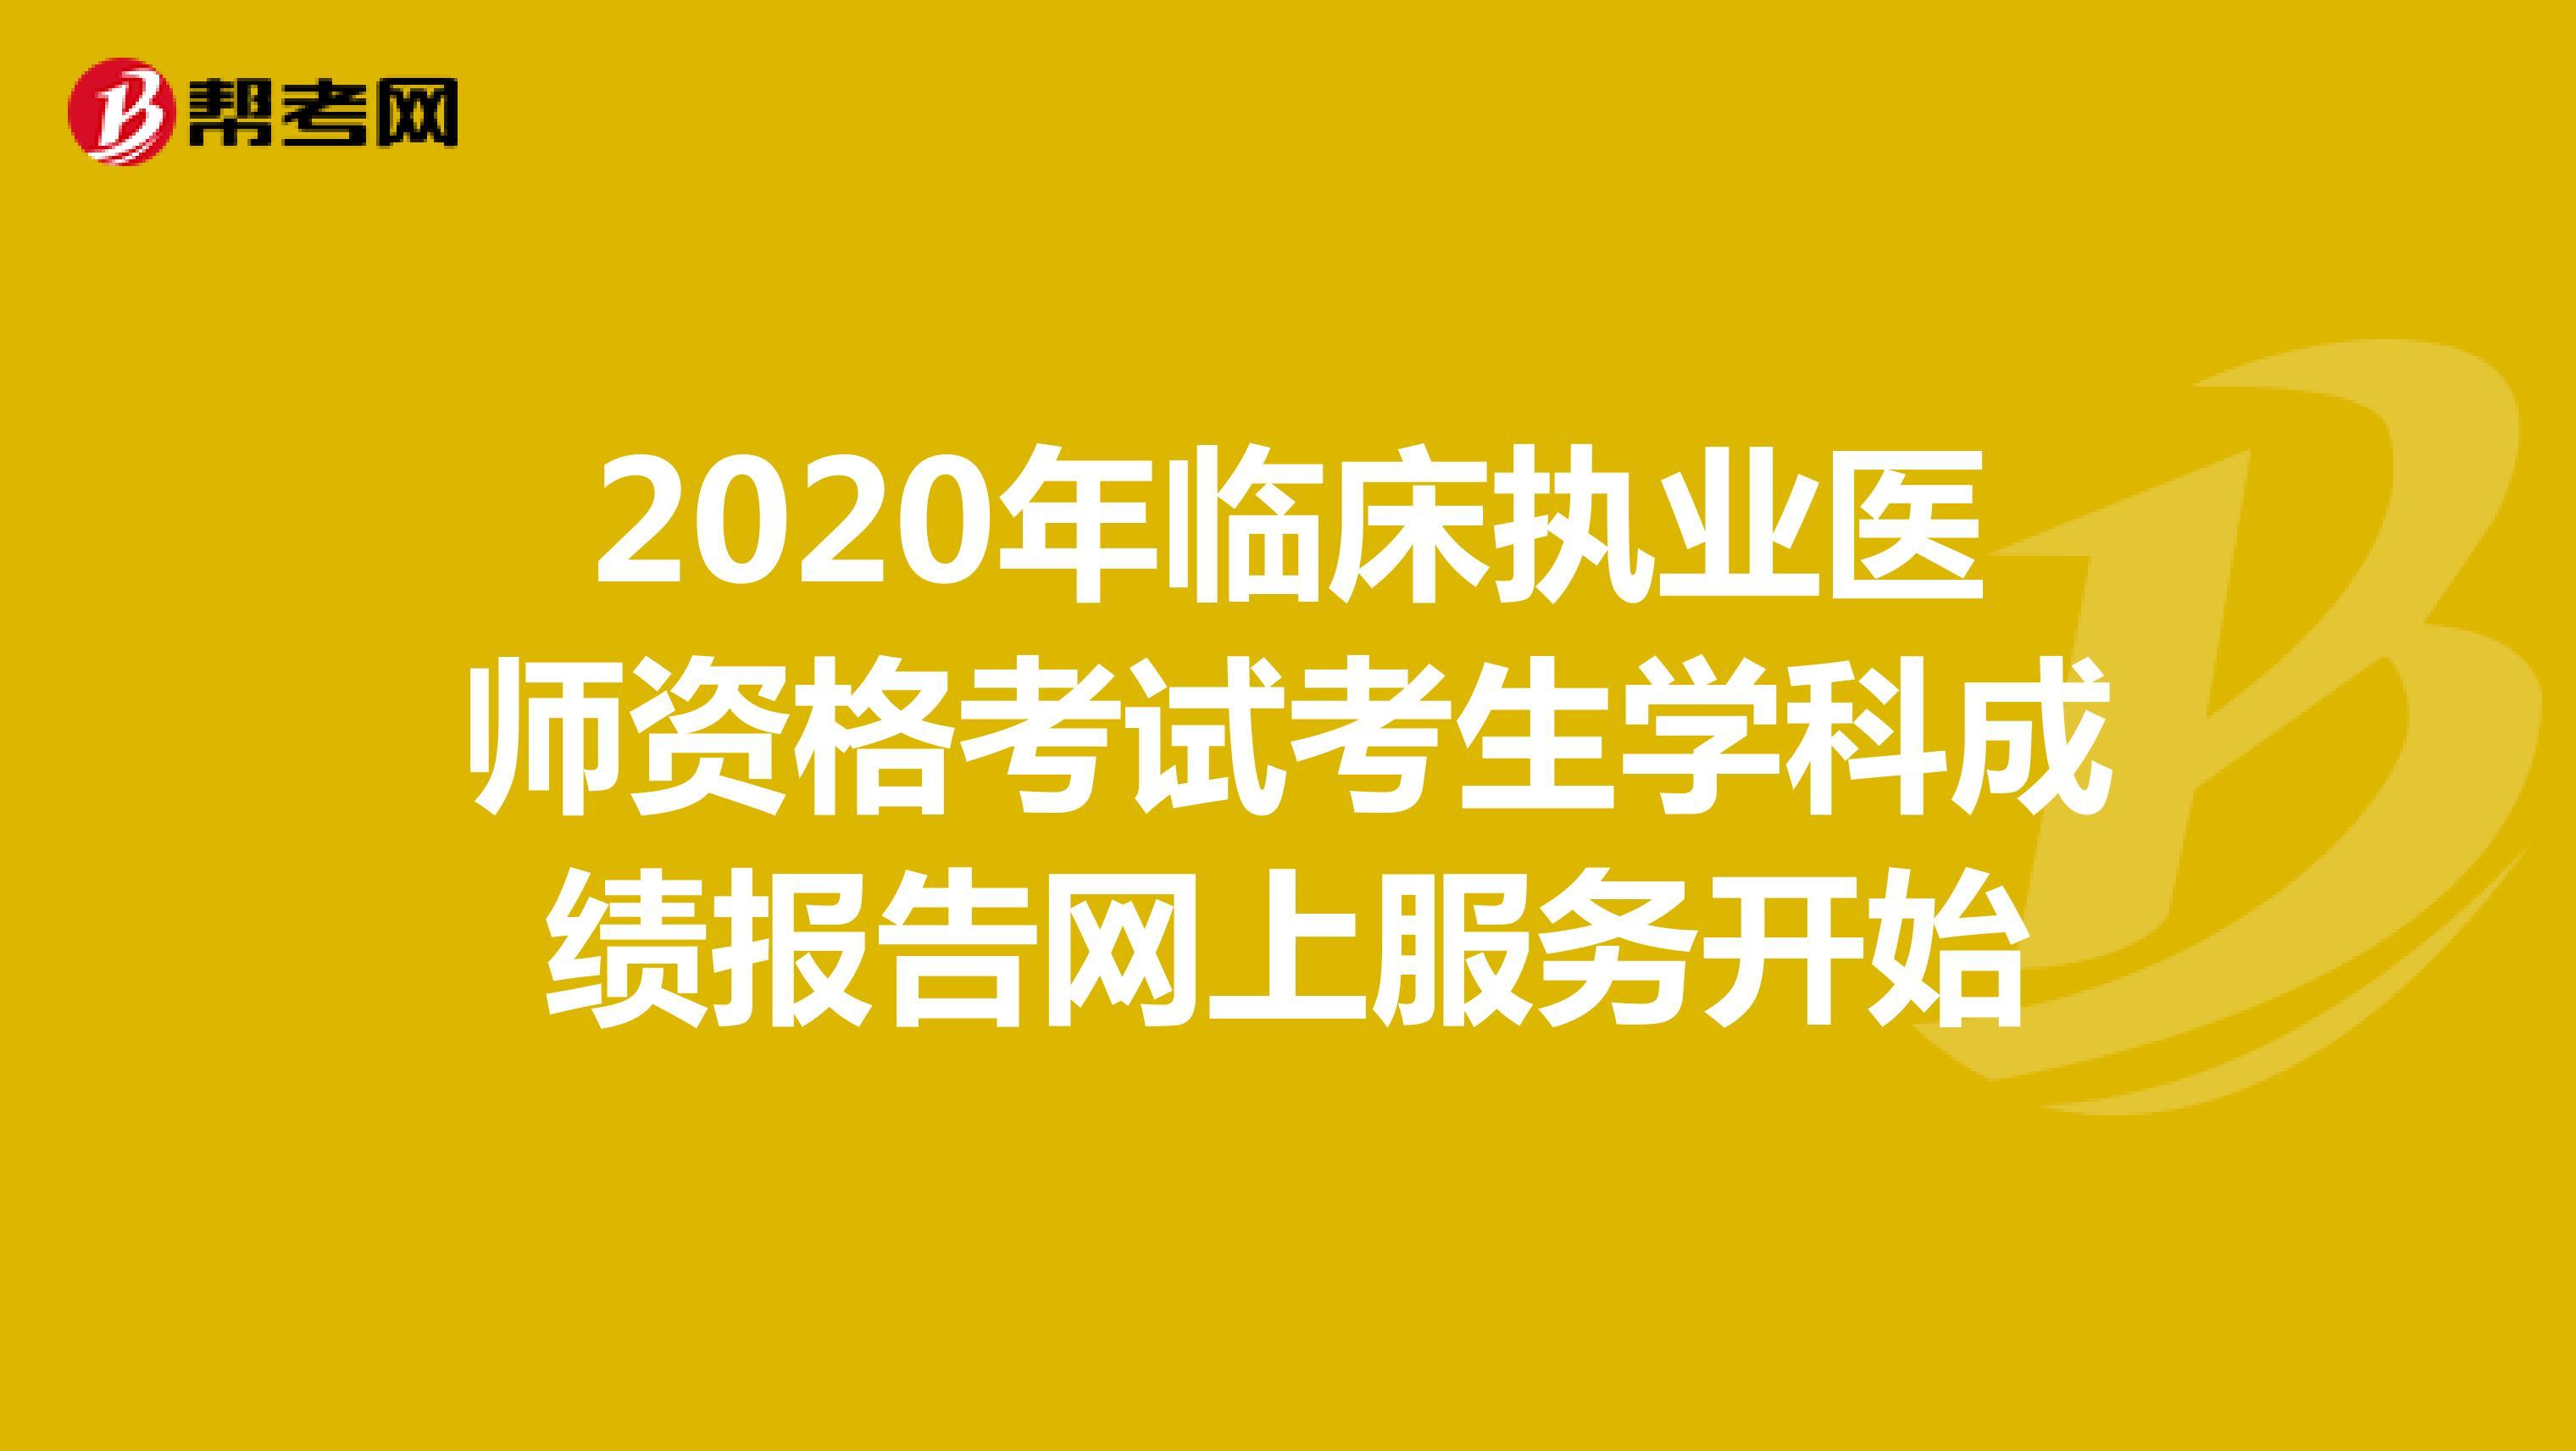 2020年临床执业医师资格考试考生学科成绩报告网上服务开始